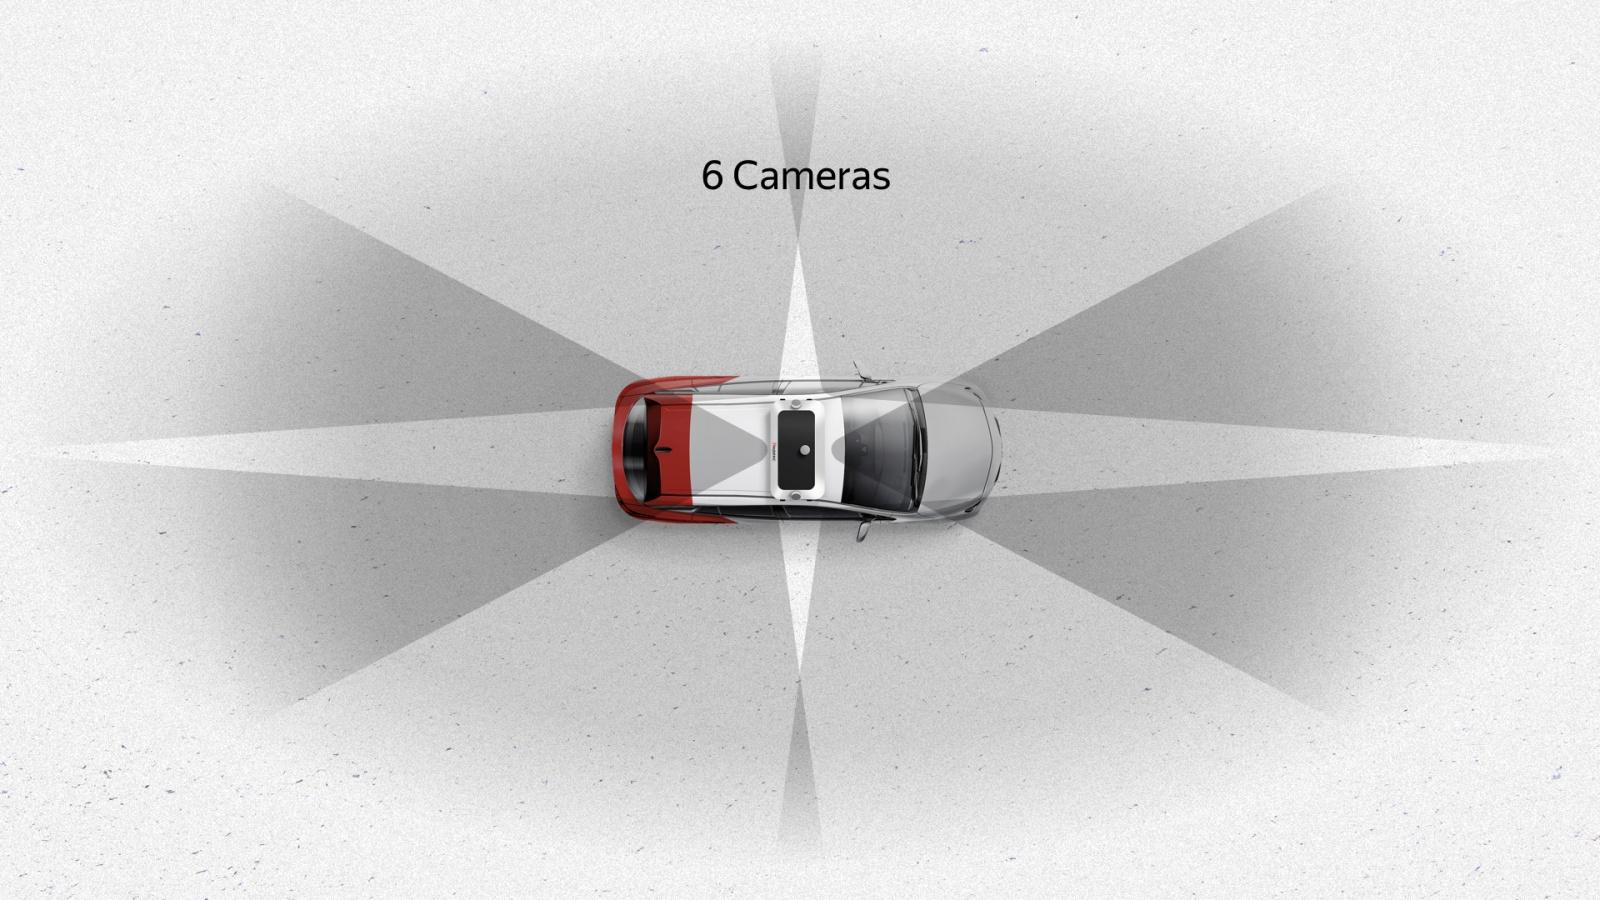 Беспилотный автомобиль: оживляем алгоритмы. Доклад Яндекса - 8